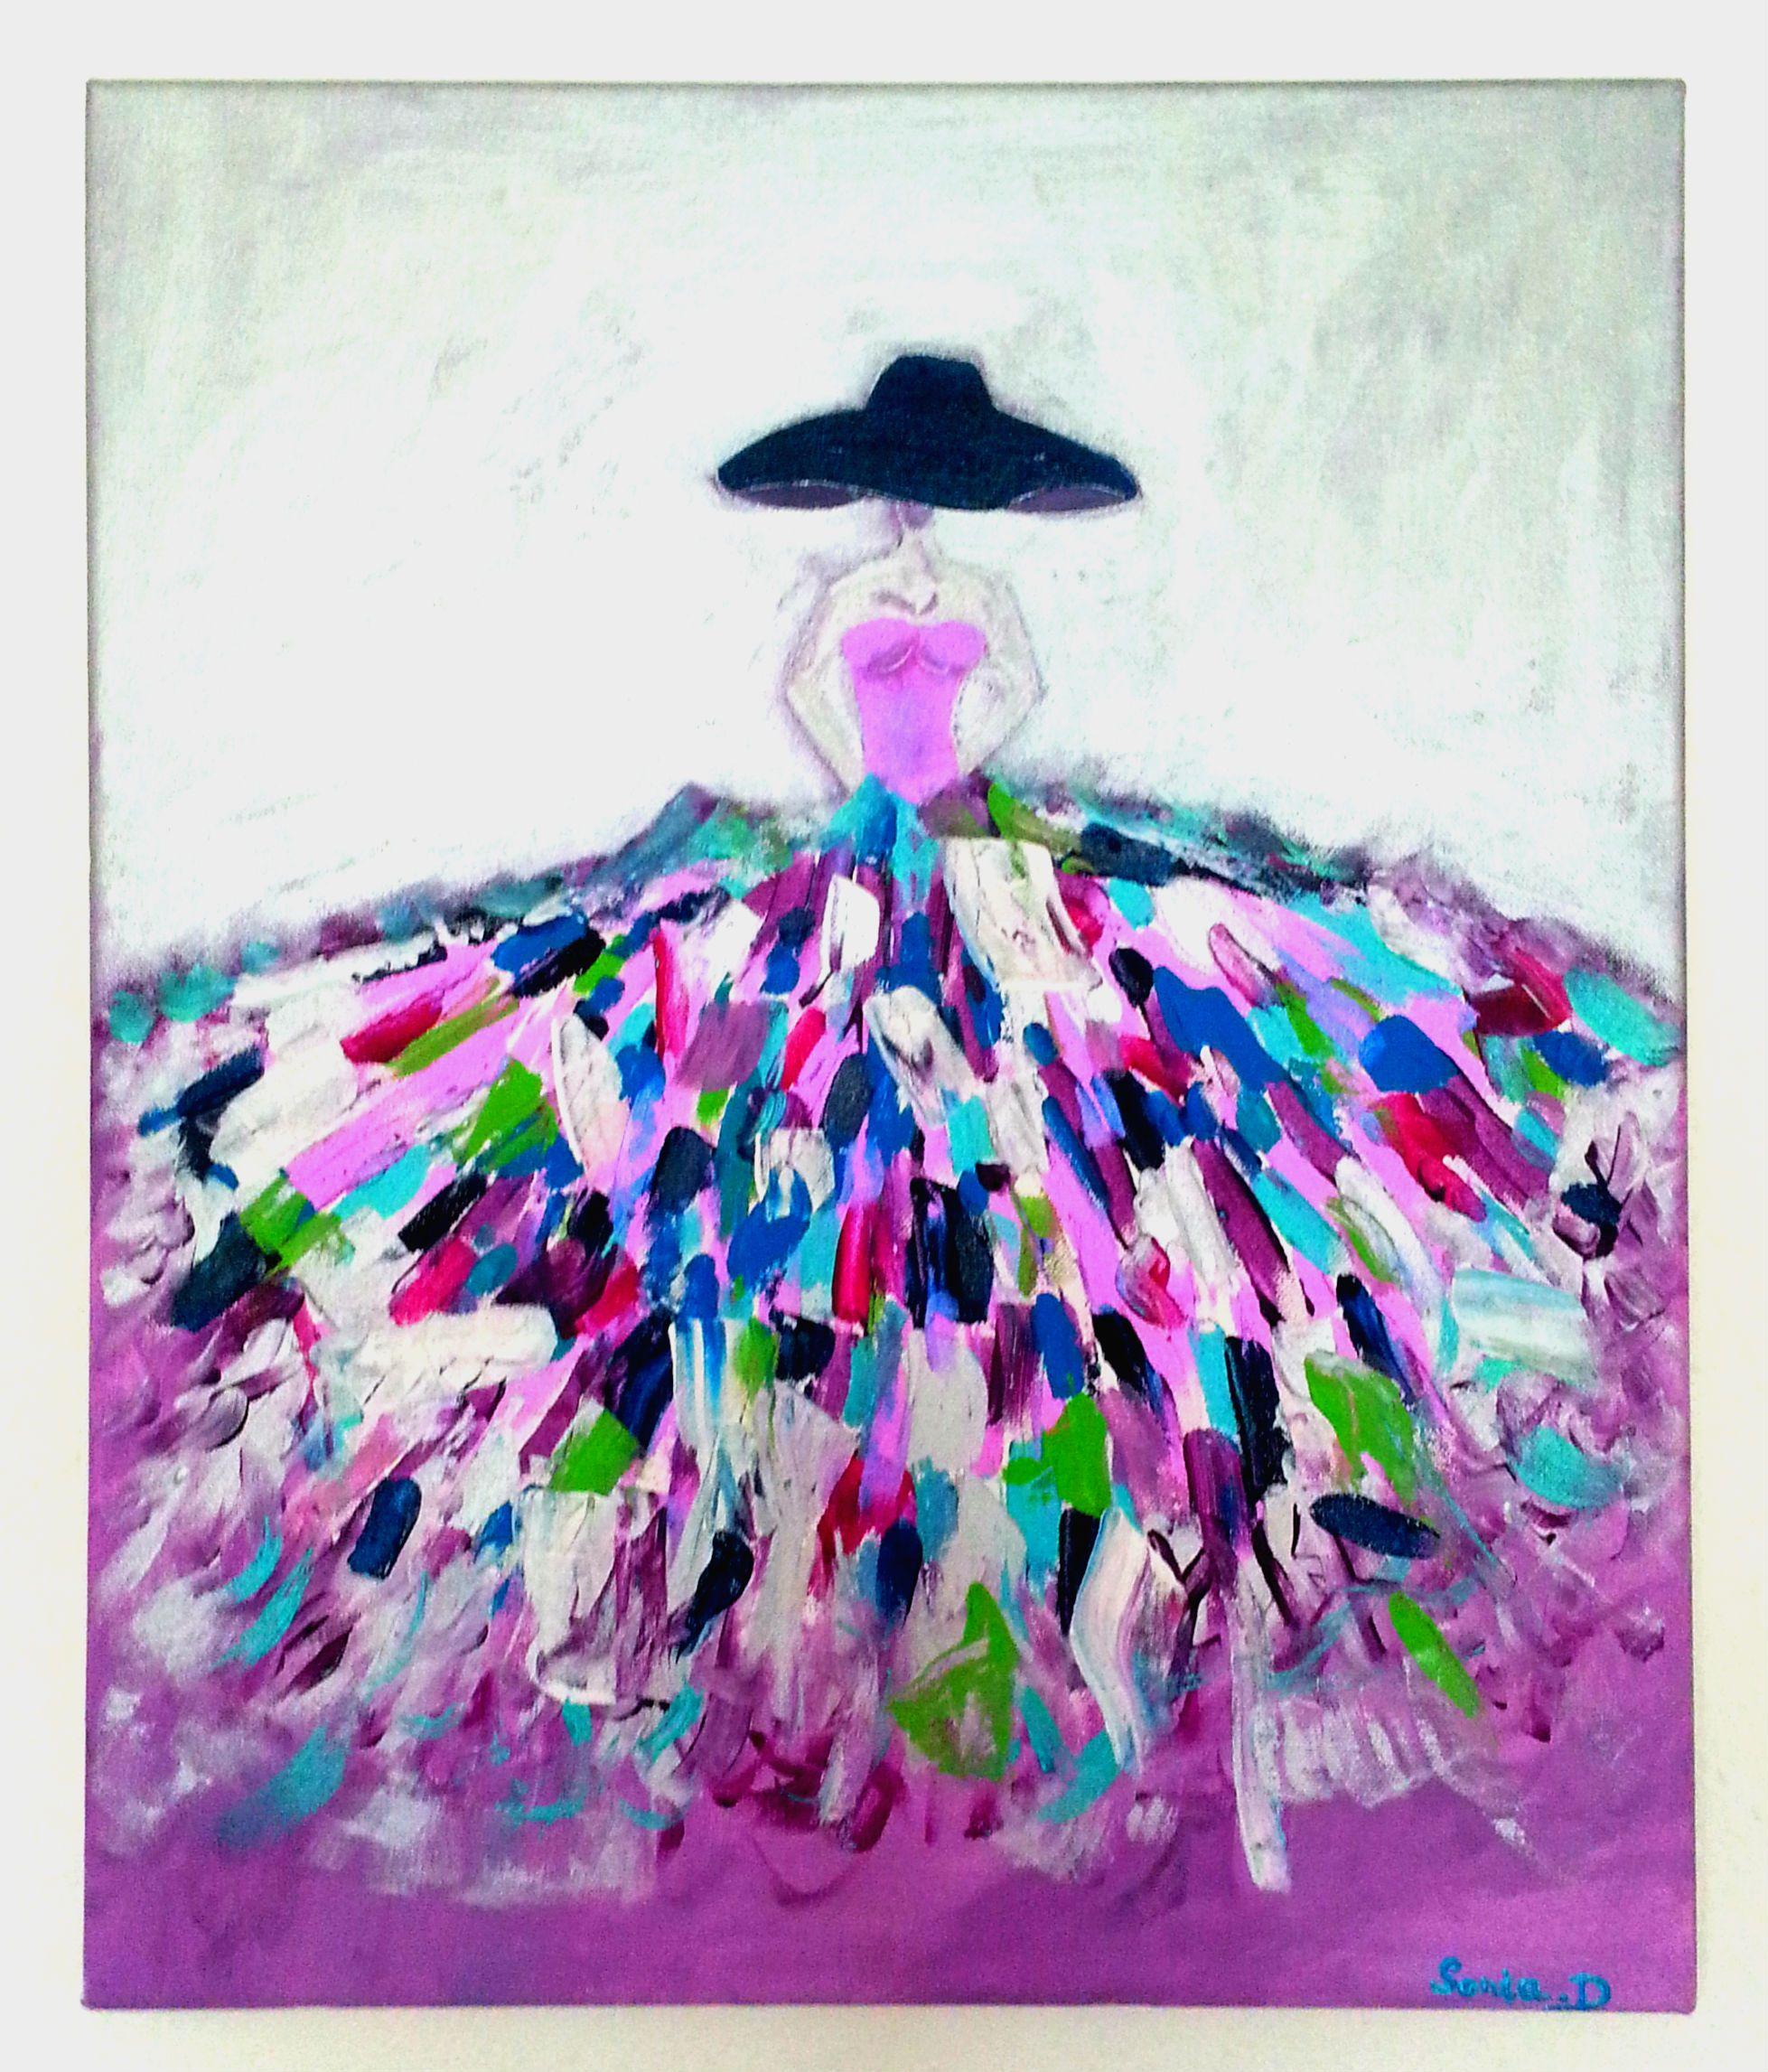 pingl par dagostin sonia sur portrait de femme pinterest peinture tableau et art abstrait. Black Bedroom Furniture Sets. Home Design Ideas